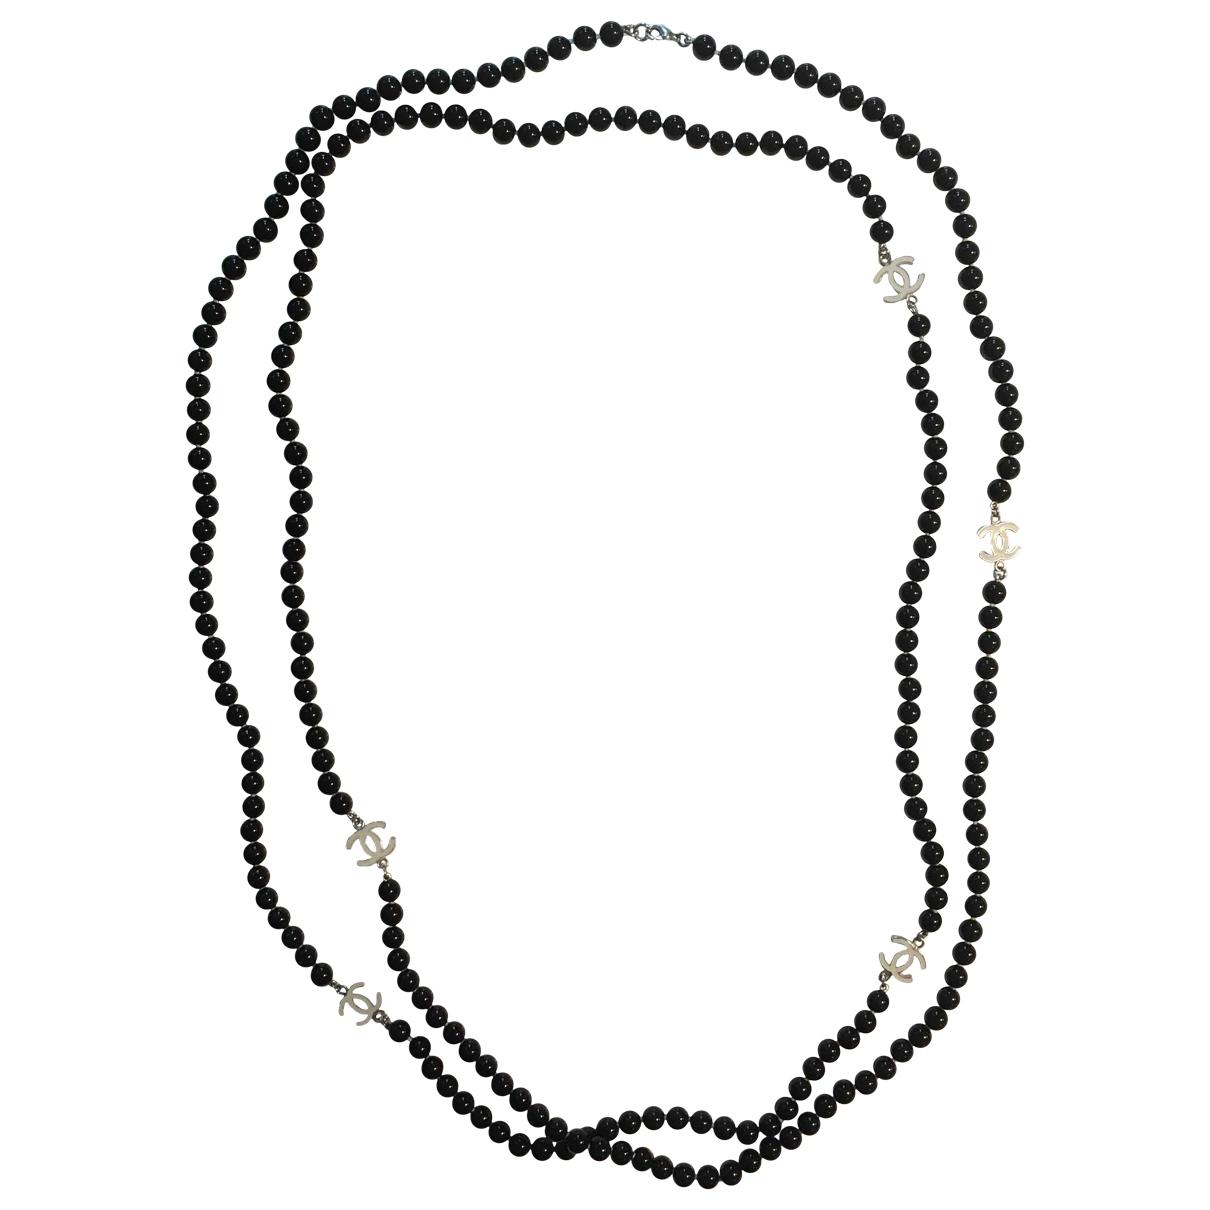 Collar largo CC de Perlas Chanel